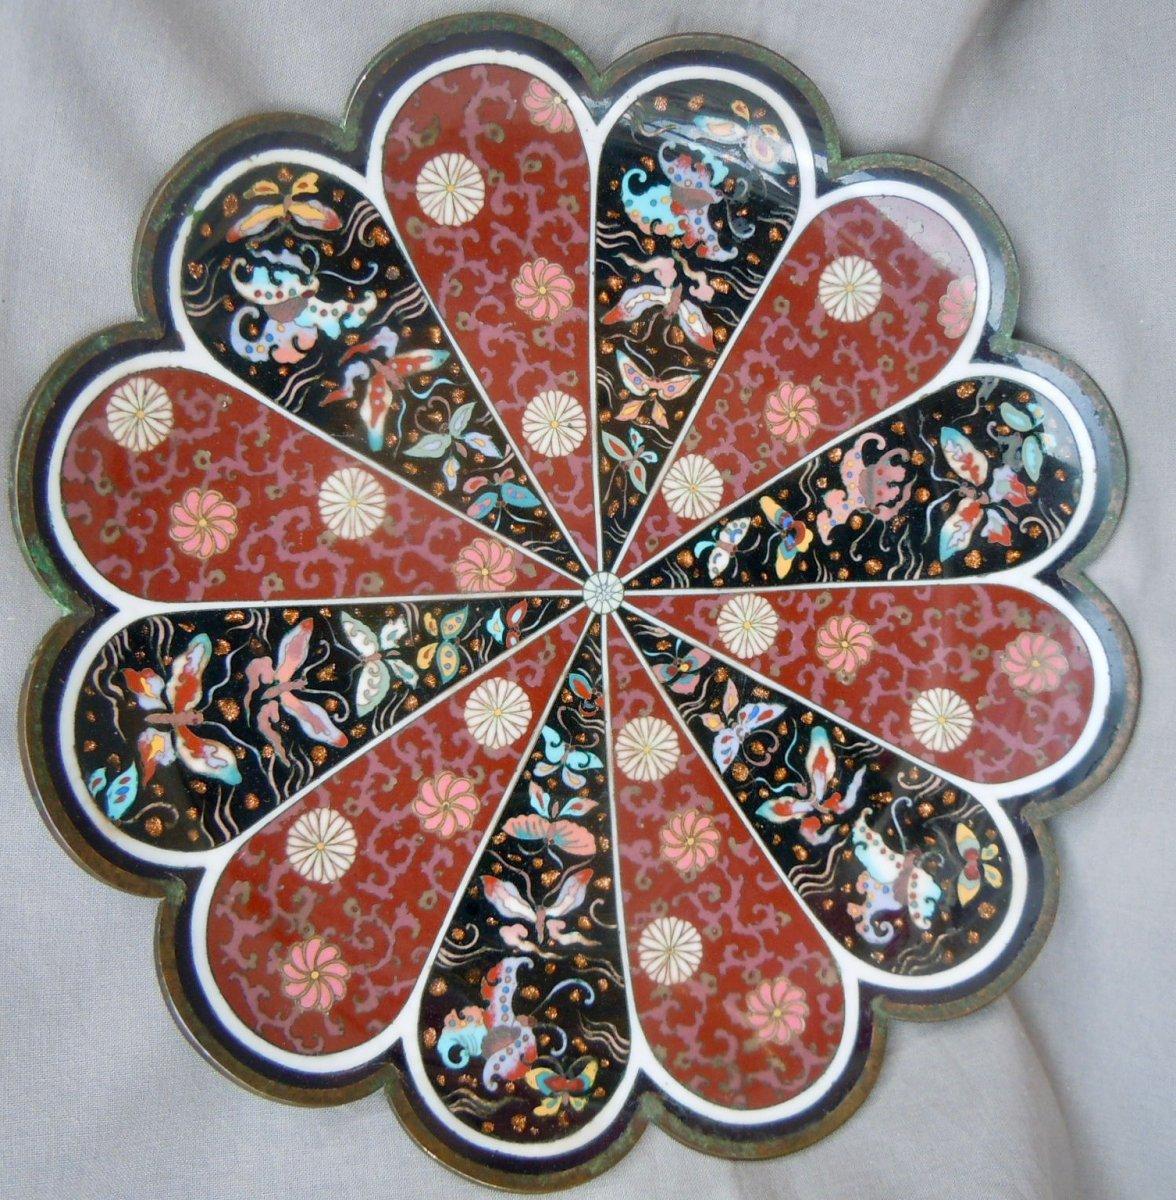 Japon - Epoque Meiji (1868 - 1912) Plat coupe Bronze Cloisonné émaux Polychromes Chrysanthèmes Et Papillons 19ème XIXème